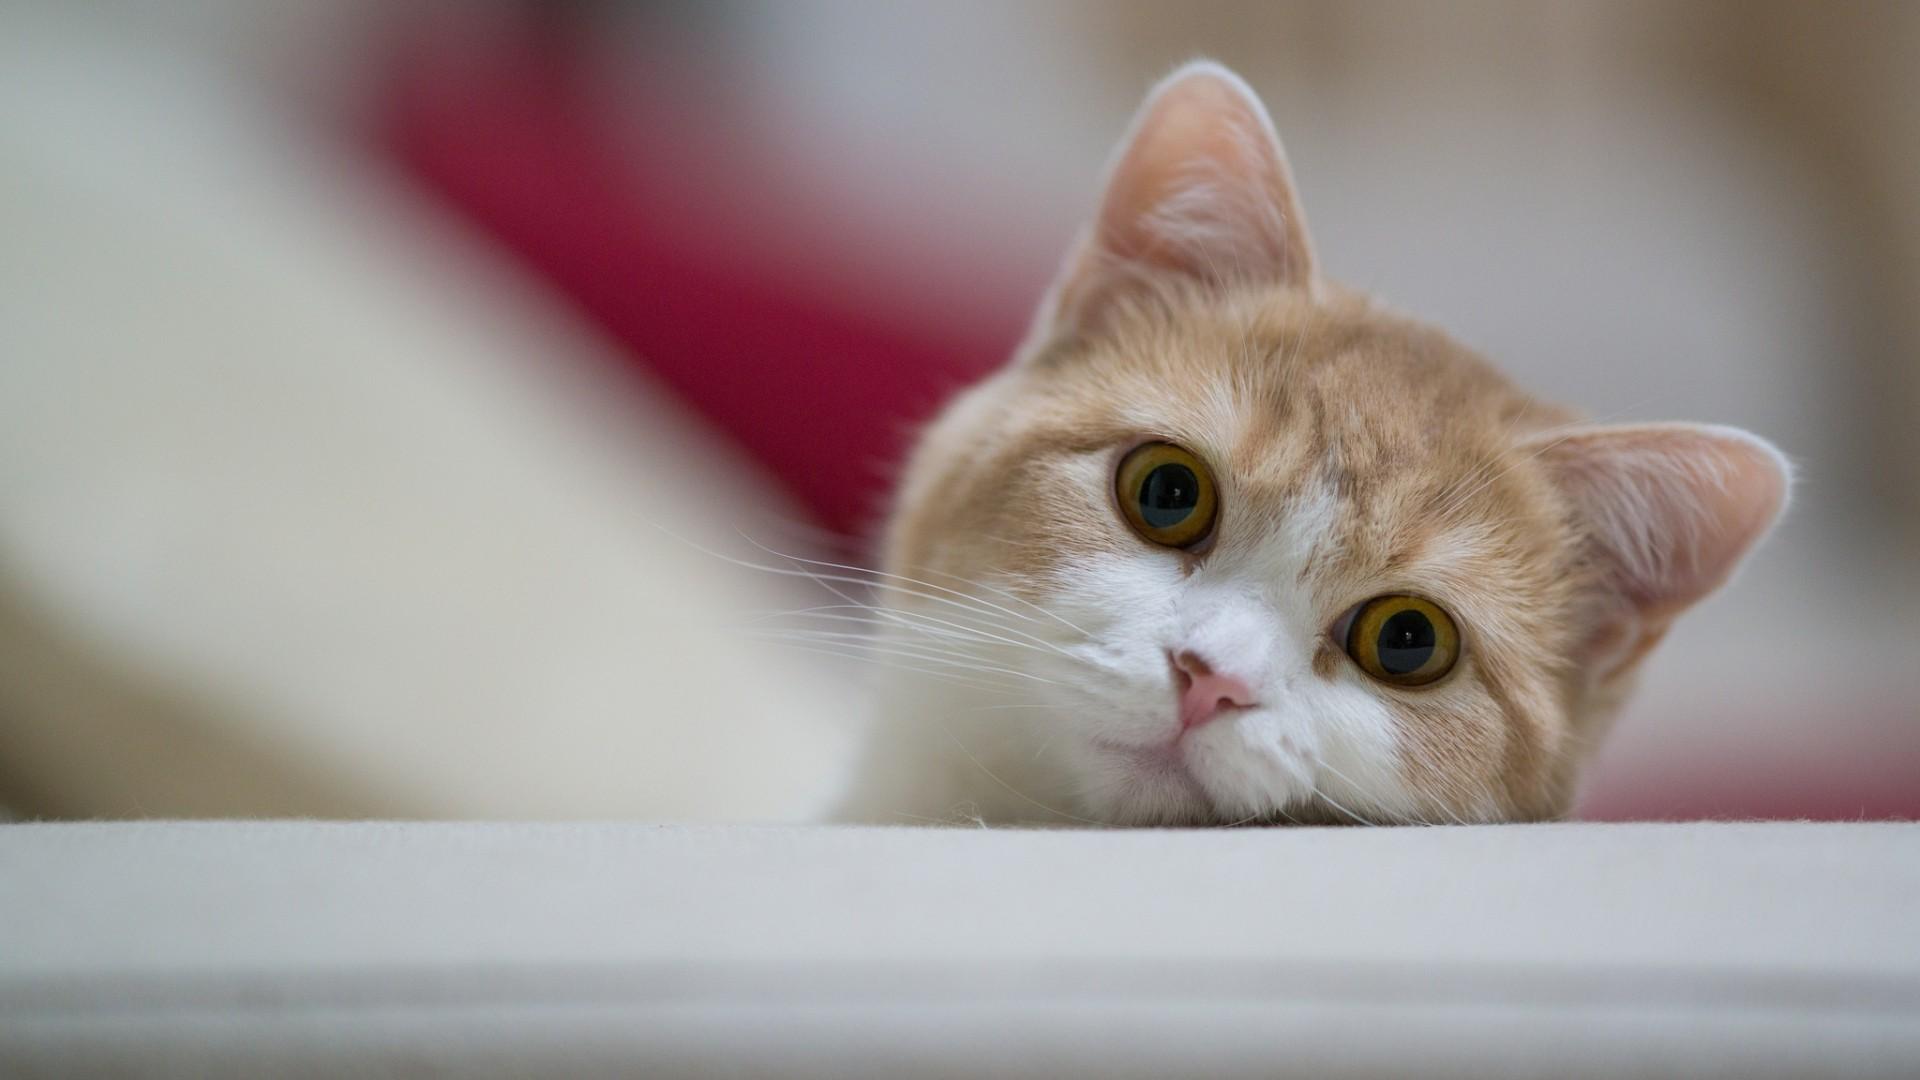 0 Cat Wallpaper HD Download Cat Wallpaper HD Download